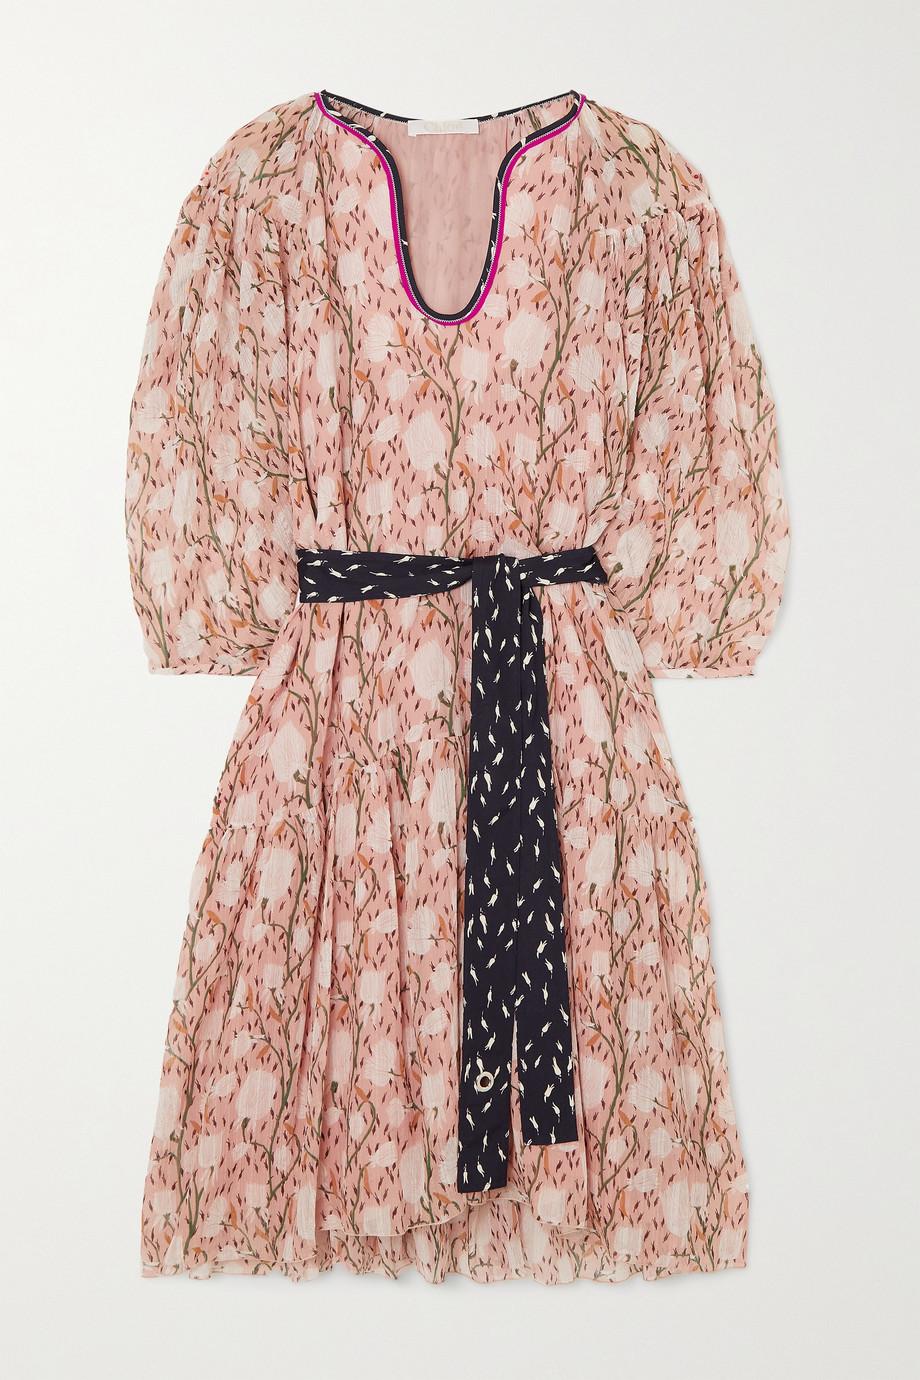 Chloé Robe en mousseline de coton et de soie mélangés à imprimé fleuri et à ceinture